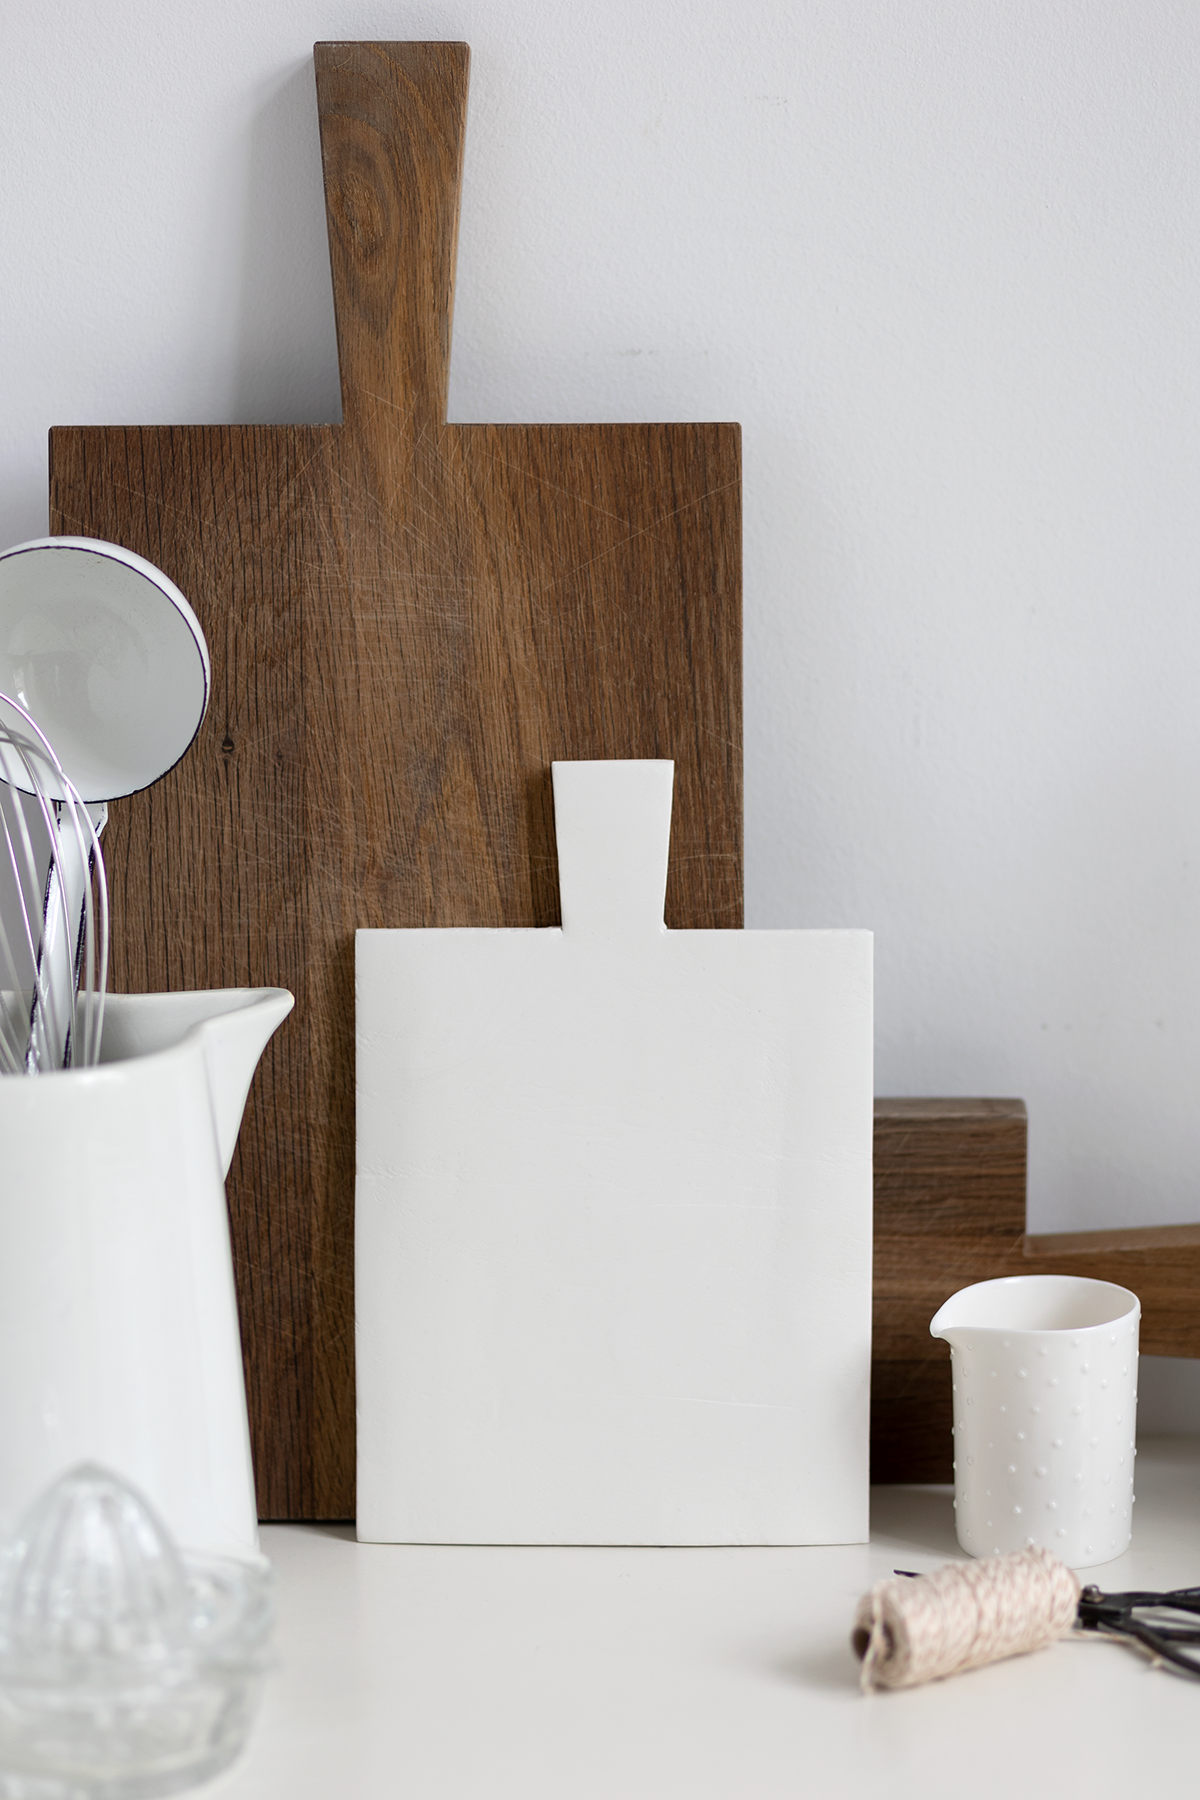 Dekobrett aus Modelliermasse - DIY-Anleitung zum Selbermachen | we love handmade